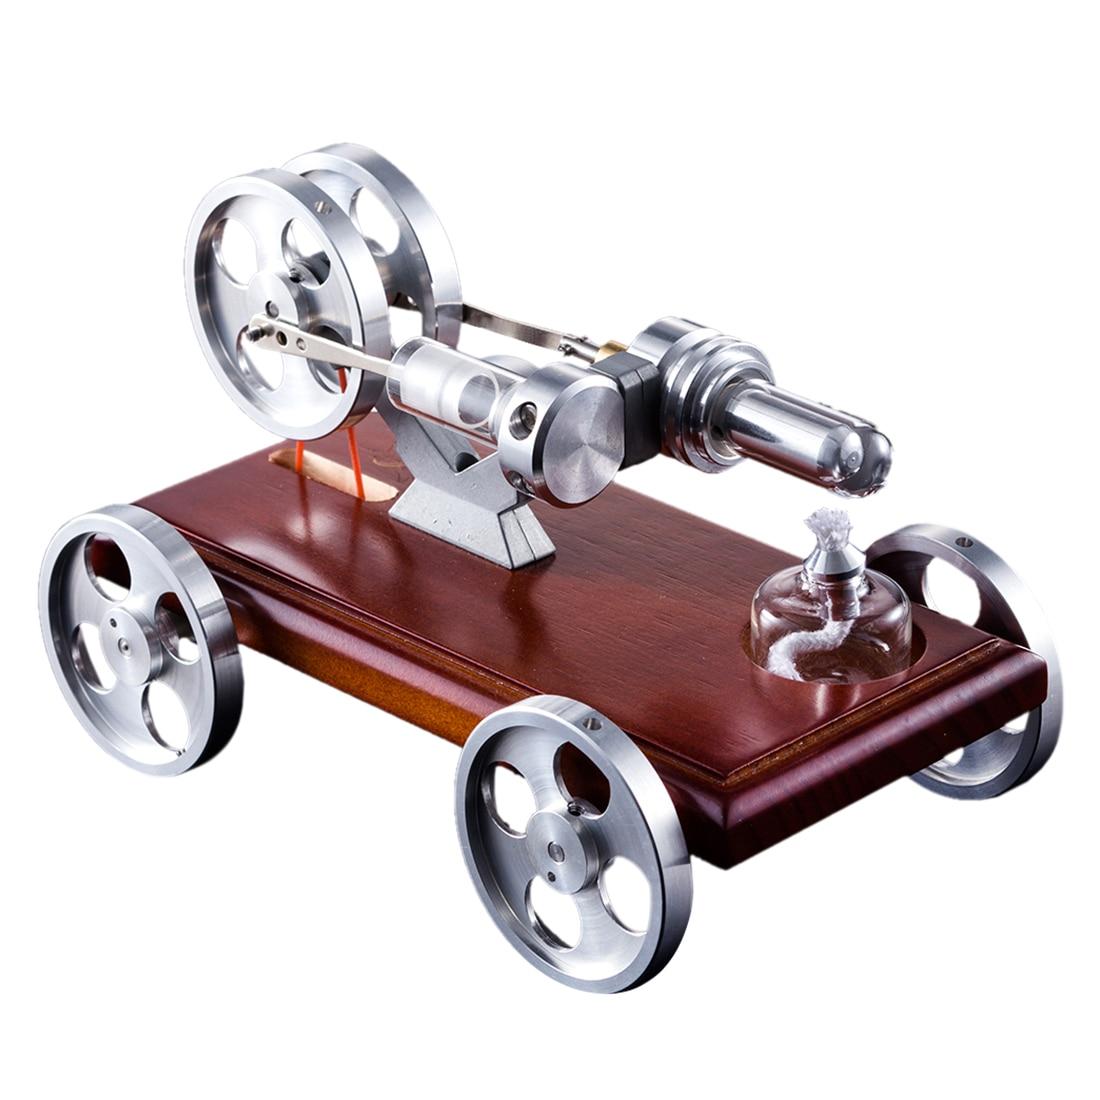 Plaque de base en bois massif bricolage Stirling moteur voiture tige vapeur modèle ensemble début d'apprentissage modèle moteur jouets pour enfants